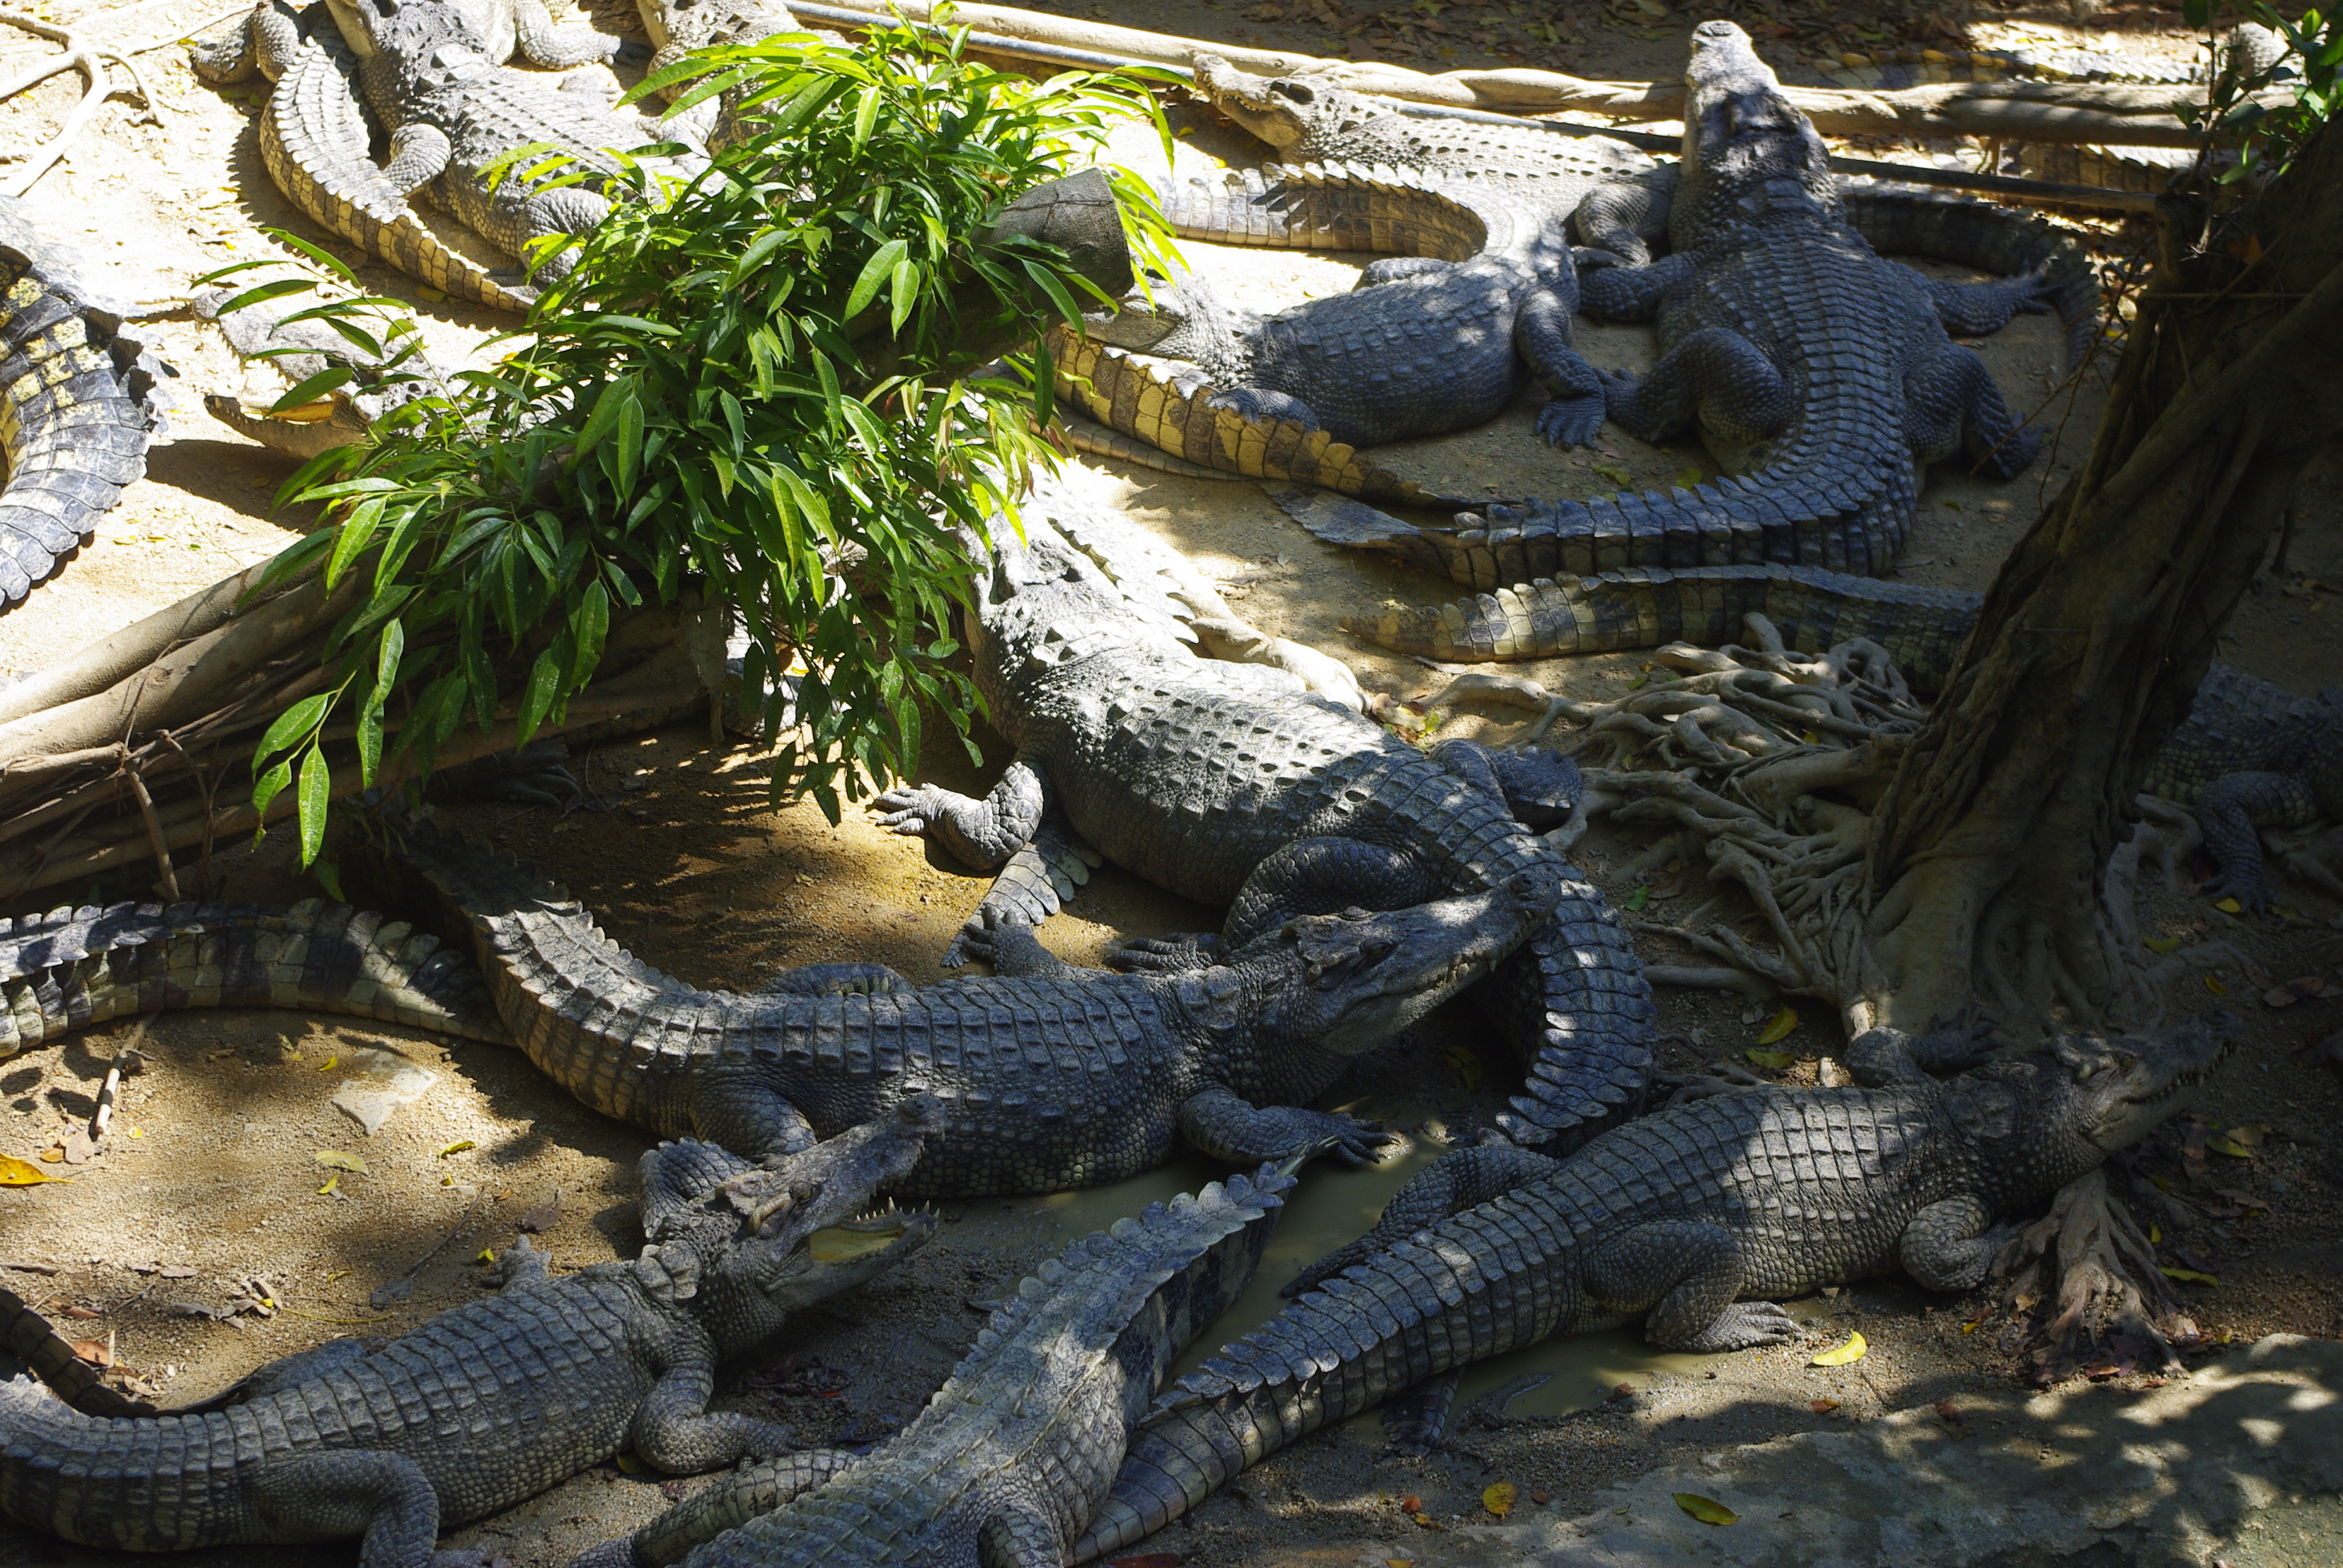 曼谷龙虎园,曼谷芭堤雅龙虎园,泰国龙虎园_点力图库